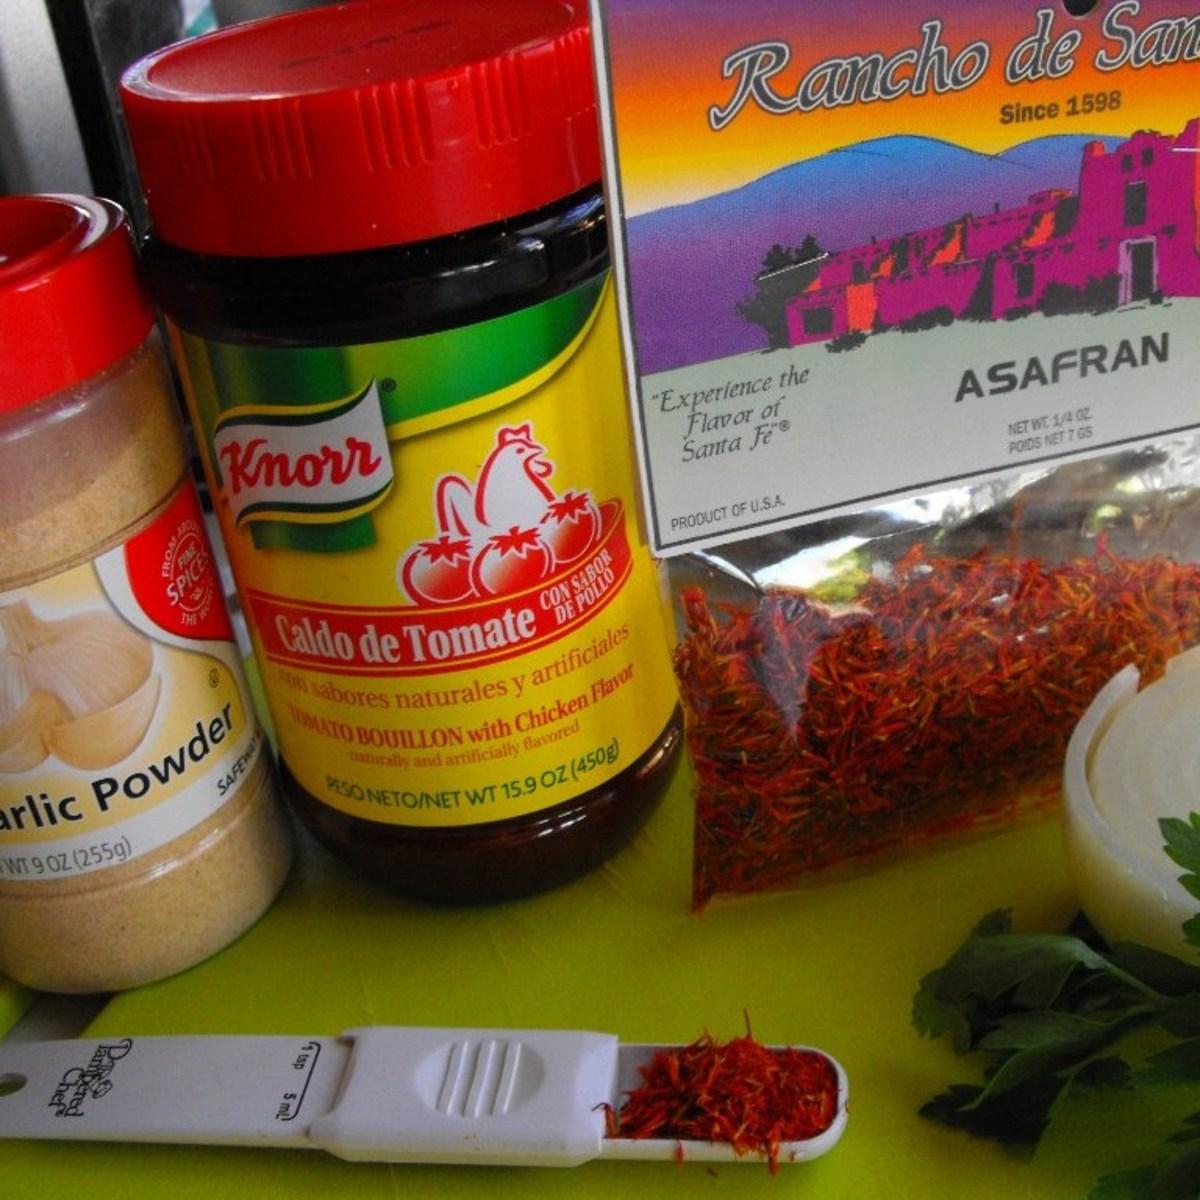 More ingredients: garlic powder, tomato bouillon, saffron, onion, and cilantro.